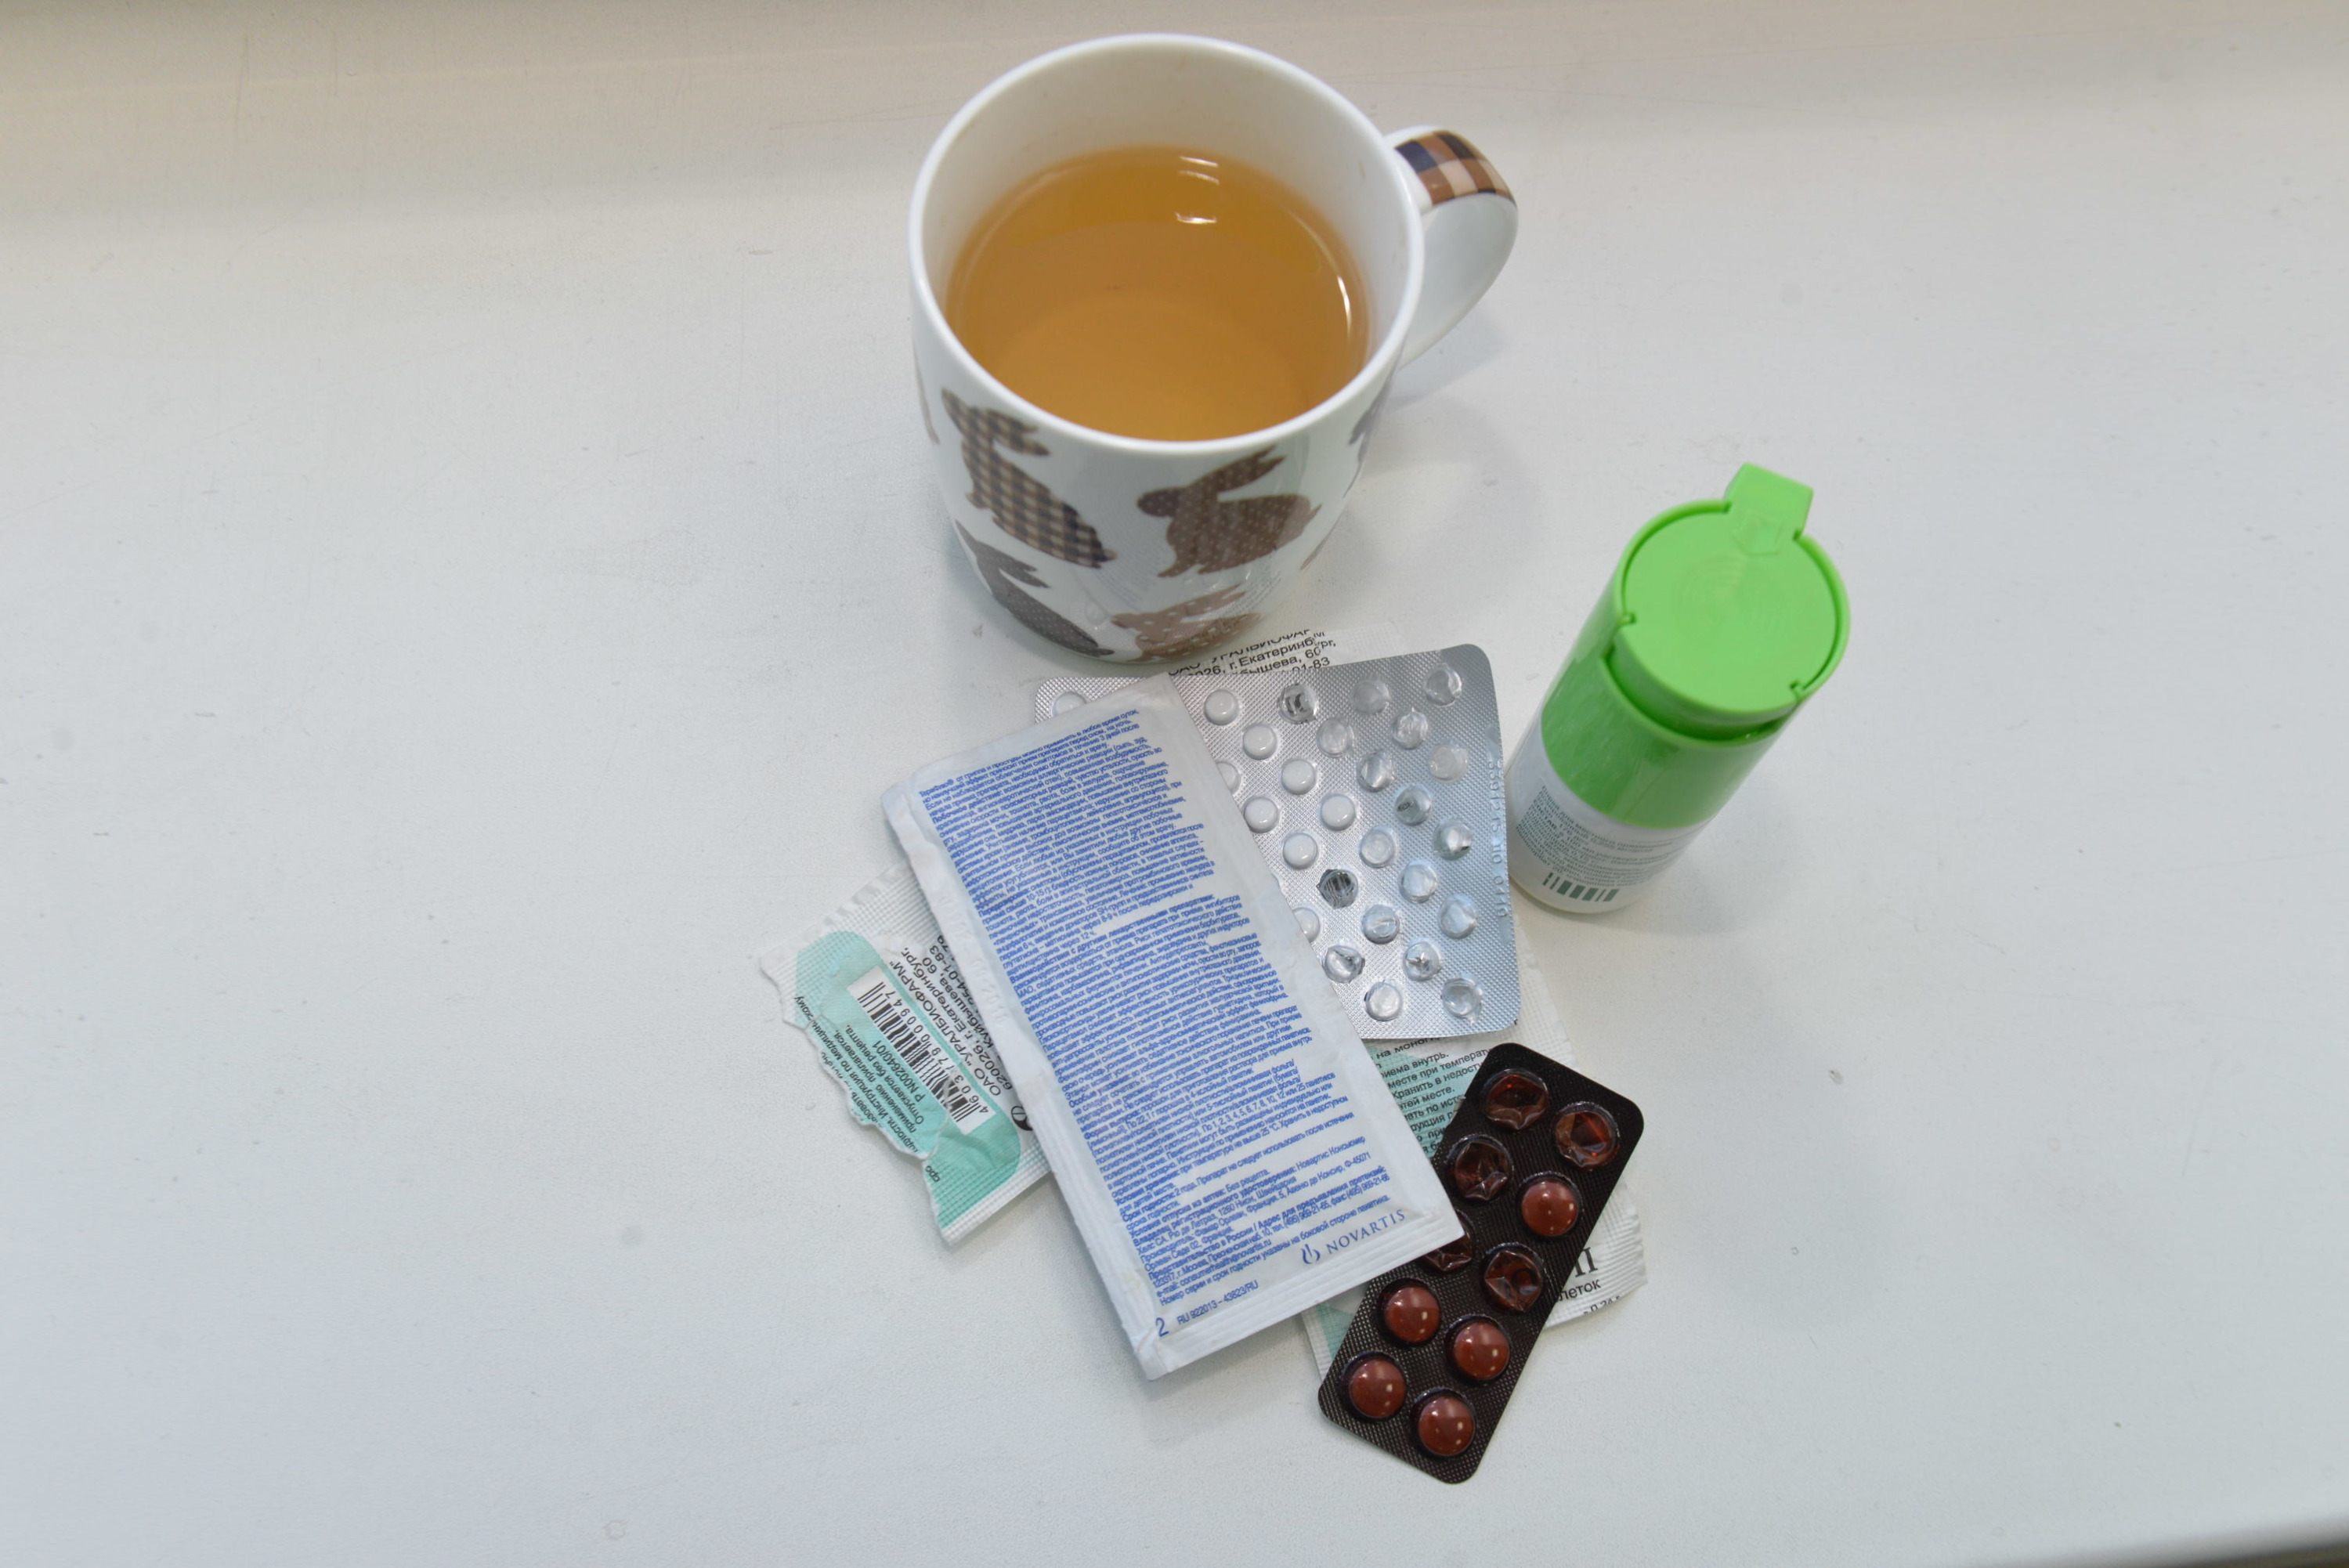 У многих препаратов есть побочные эффекты, о которых нужно помнить